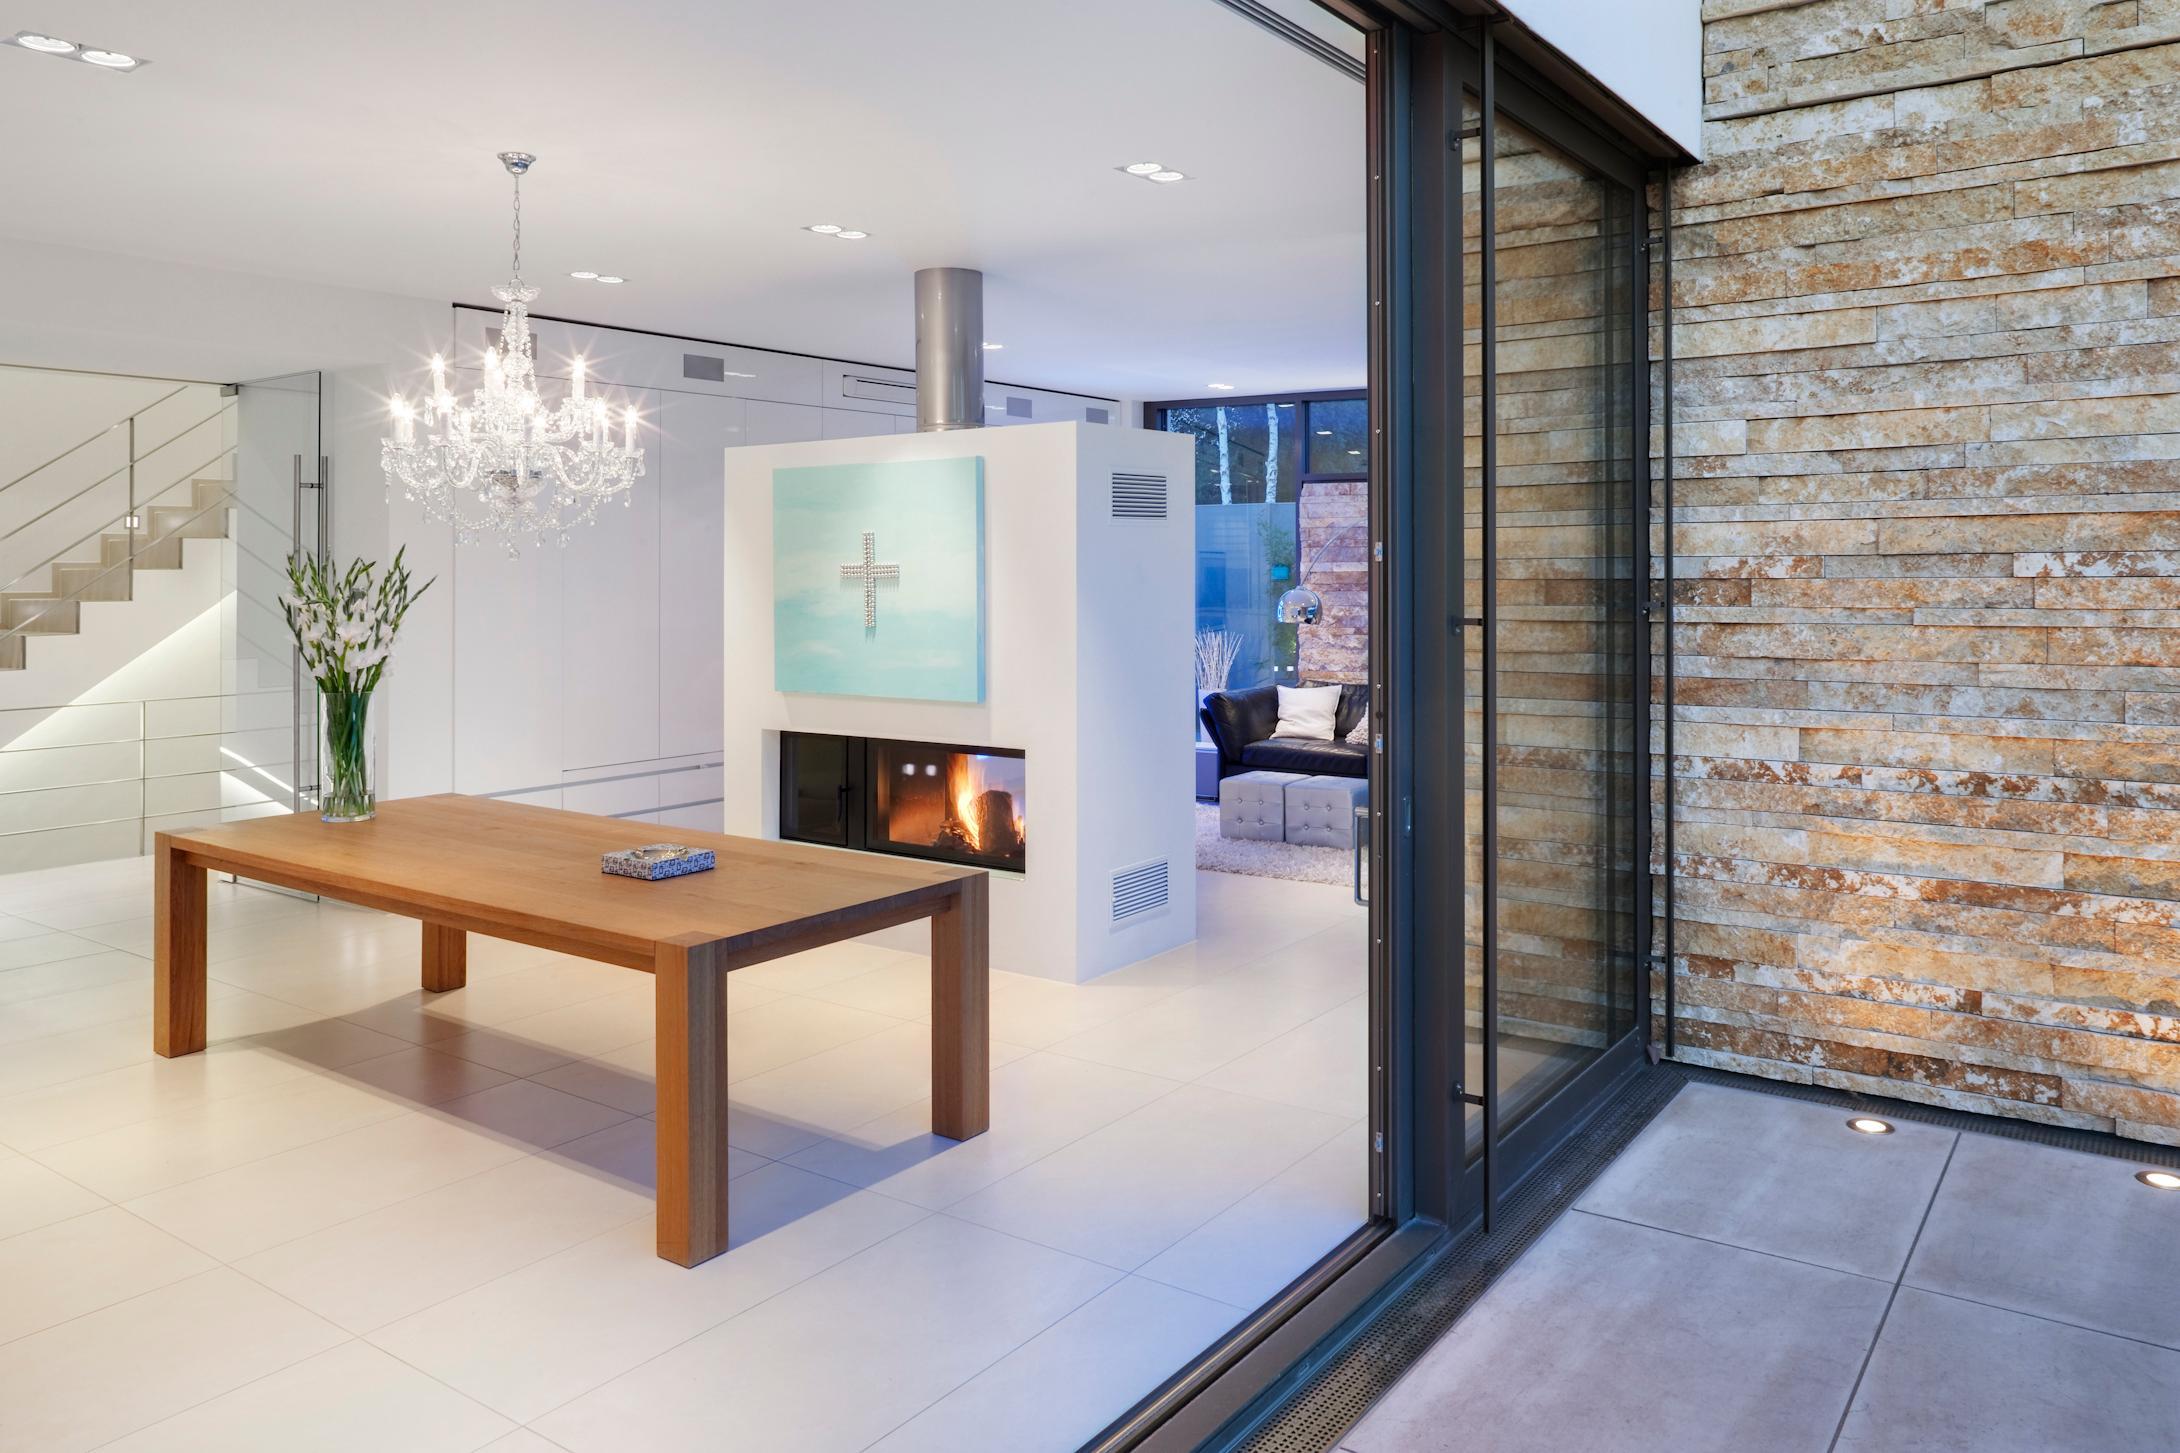 feuerstelle • bilder & ideen • couchstyle, Wohnzimmer